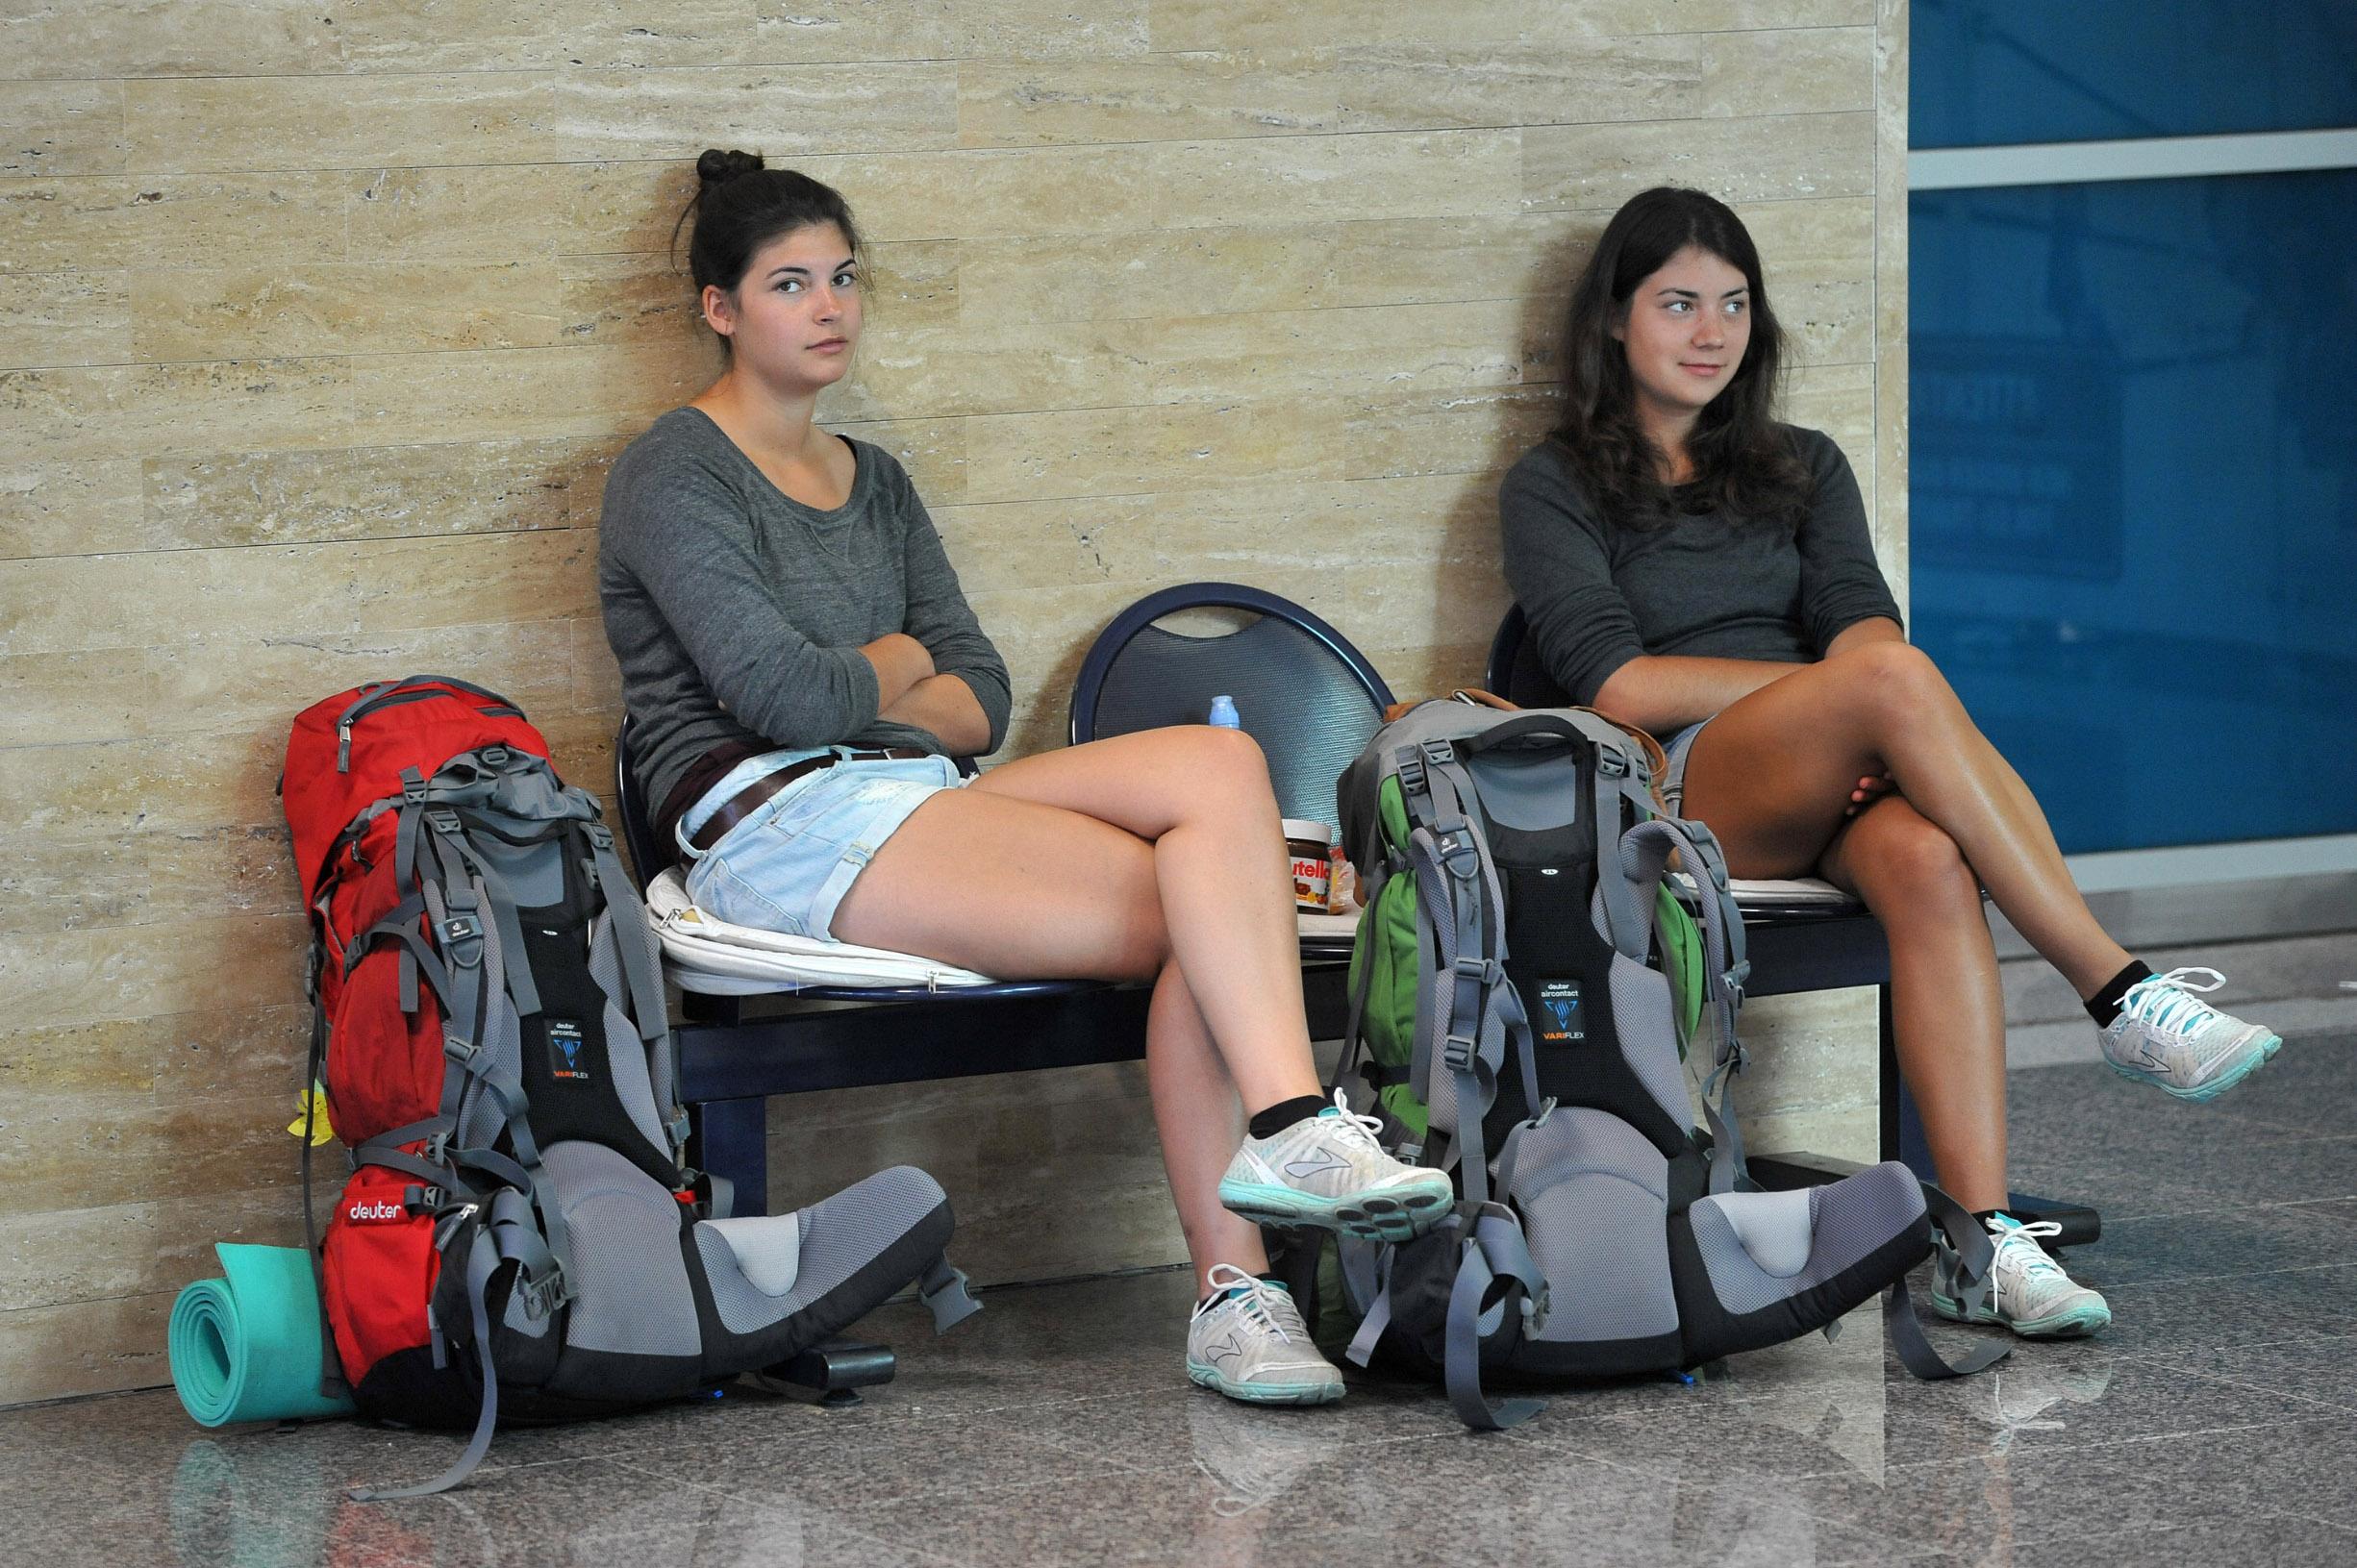 Sadašnji putnički terminal je zbog porasta broja putnika postao premalen